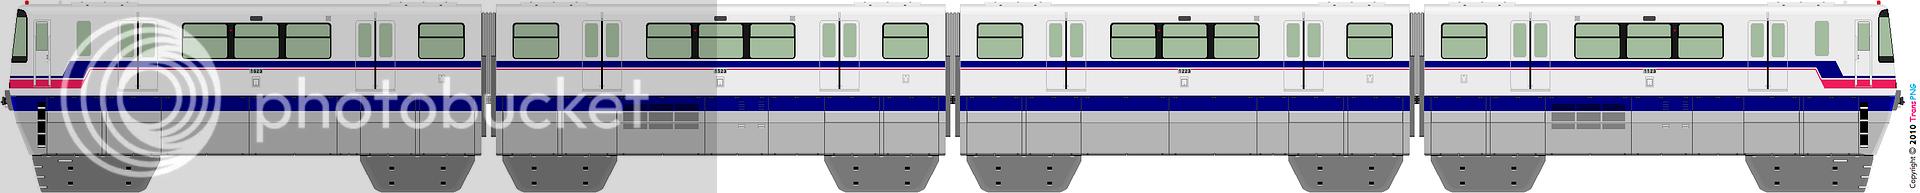 [5136] Osaka Monorail 2136